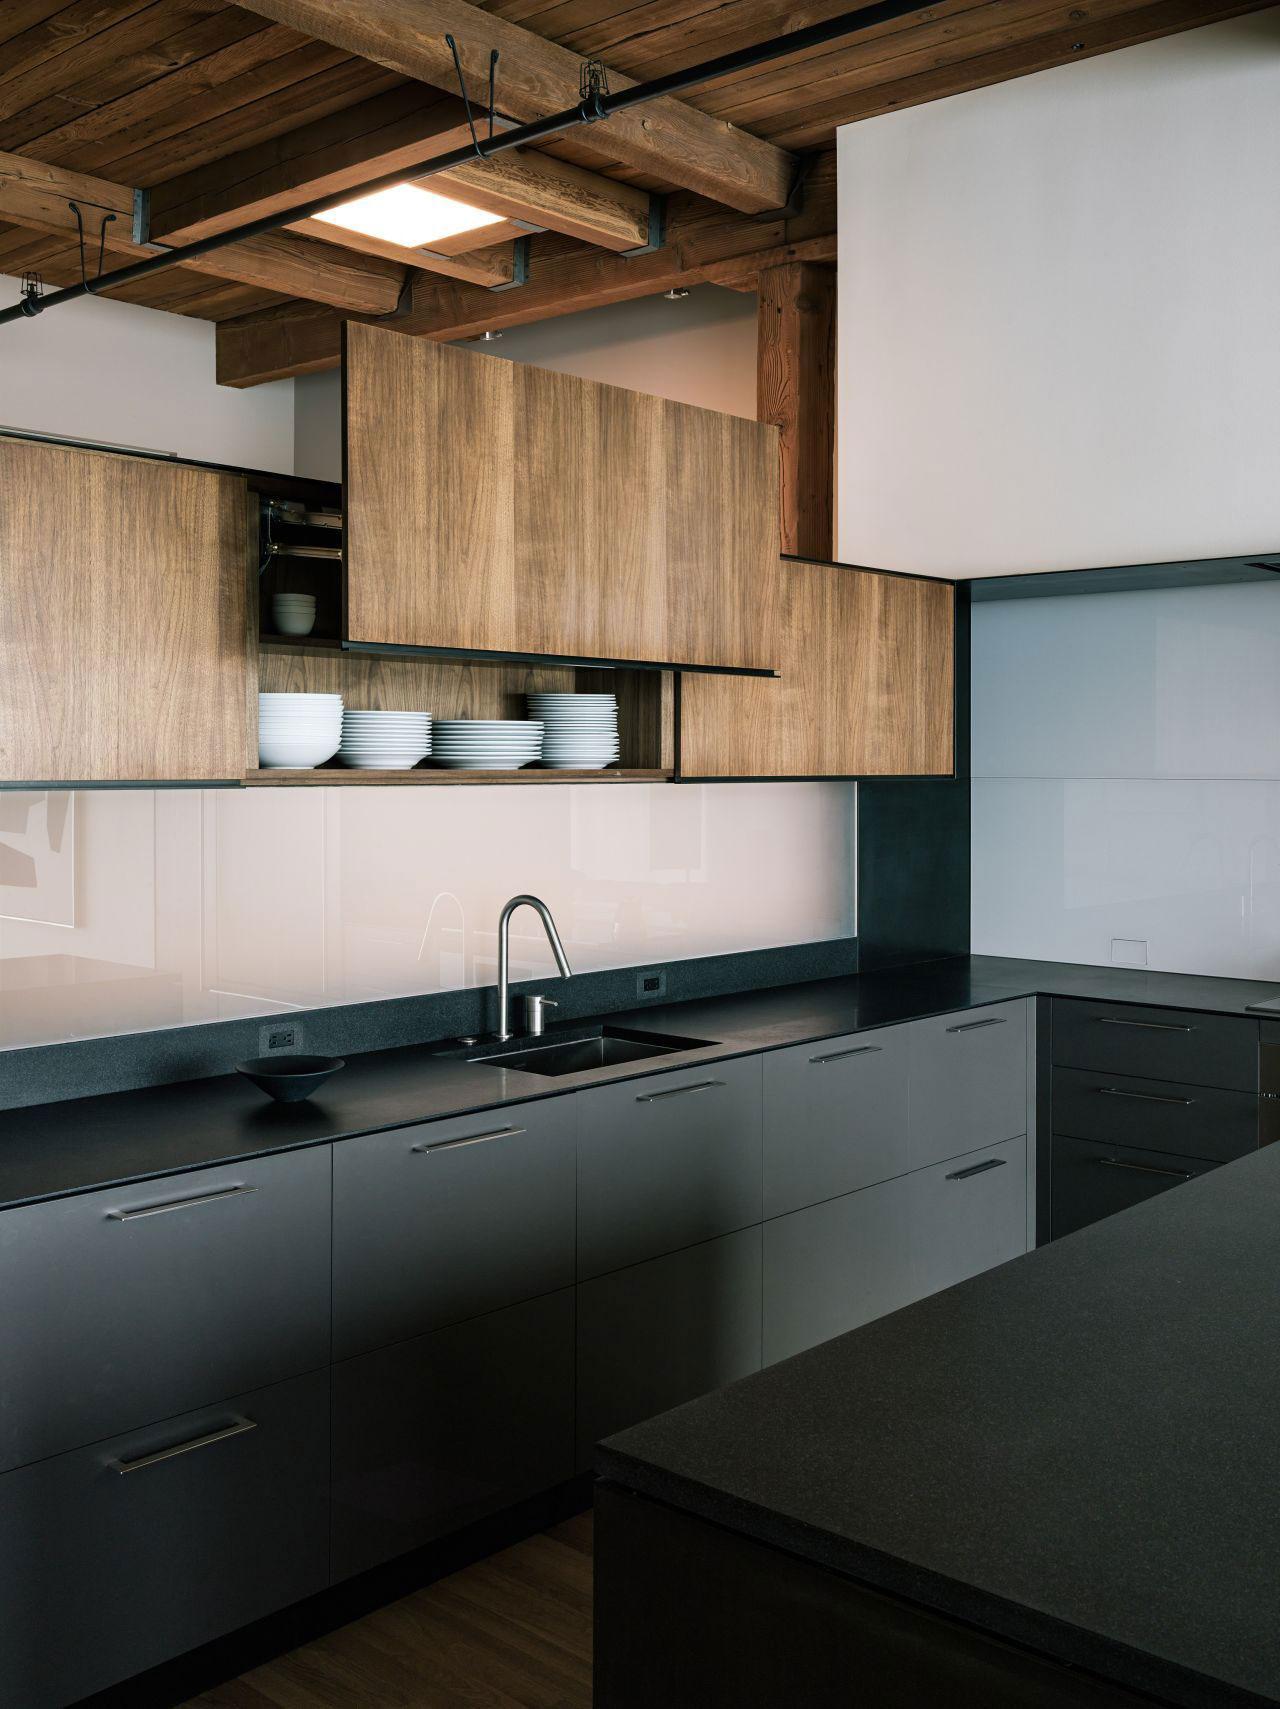 Черно-коричневый кухонный гарнитур в стиле лофт